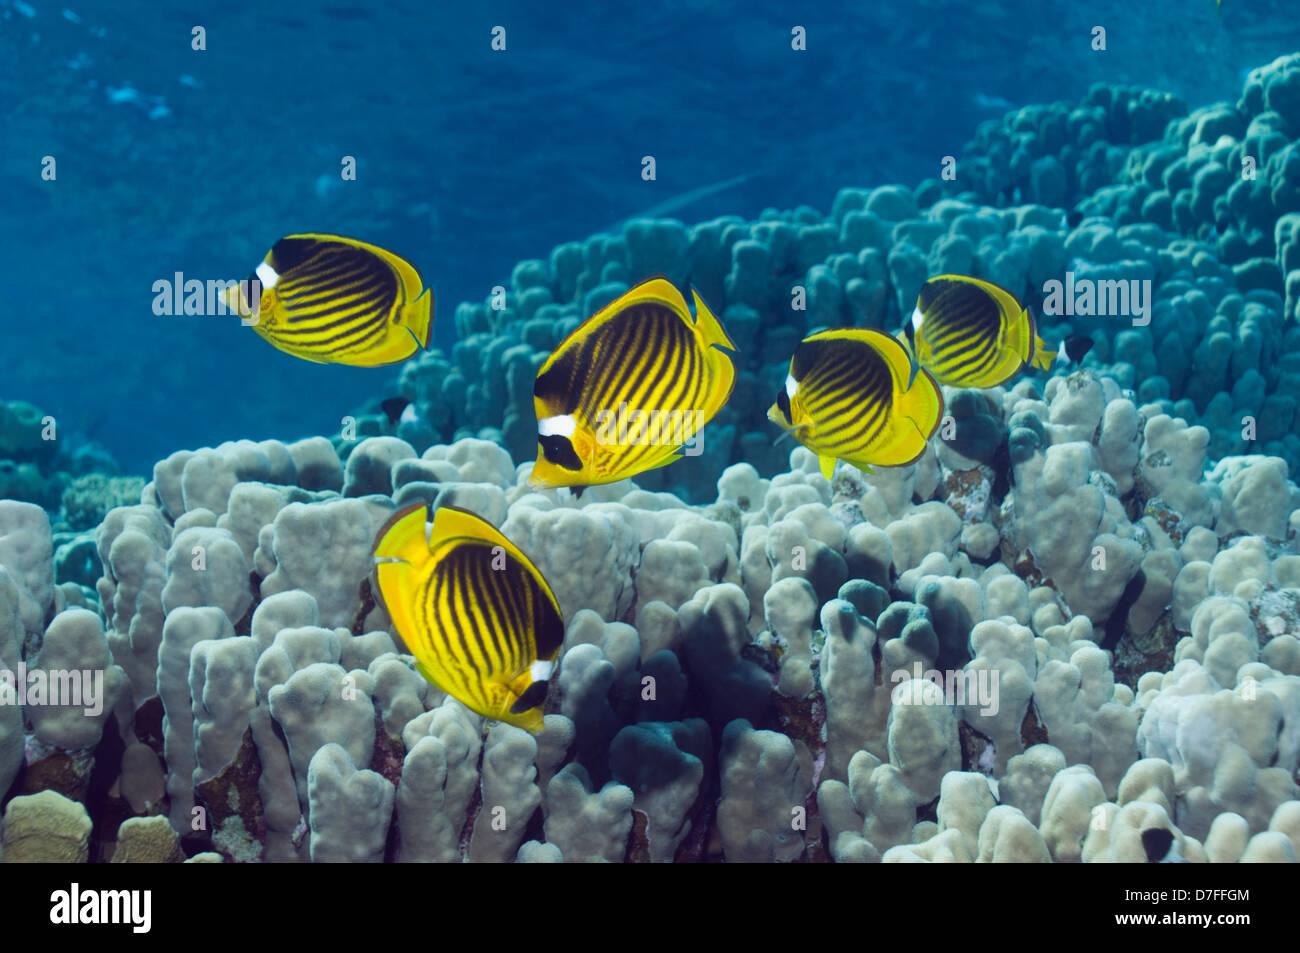 Mar Rosso raccoon butterflyfish (Chaetodon fasciatus) sulla barriera corallina. Egitto, Mar Rosso. Immagini Stock